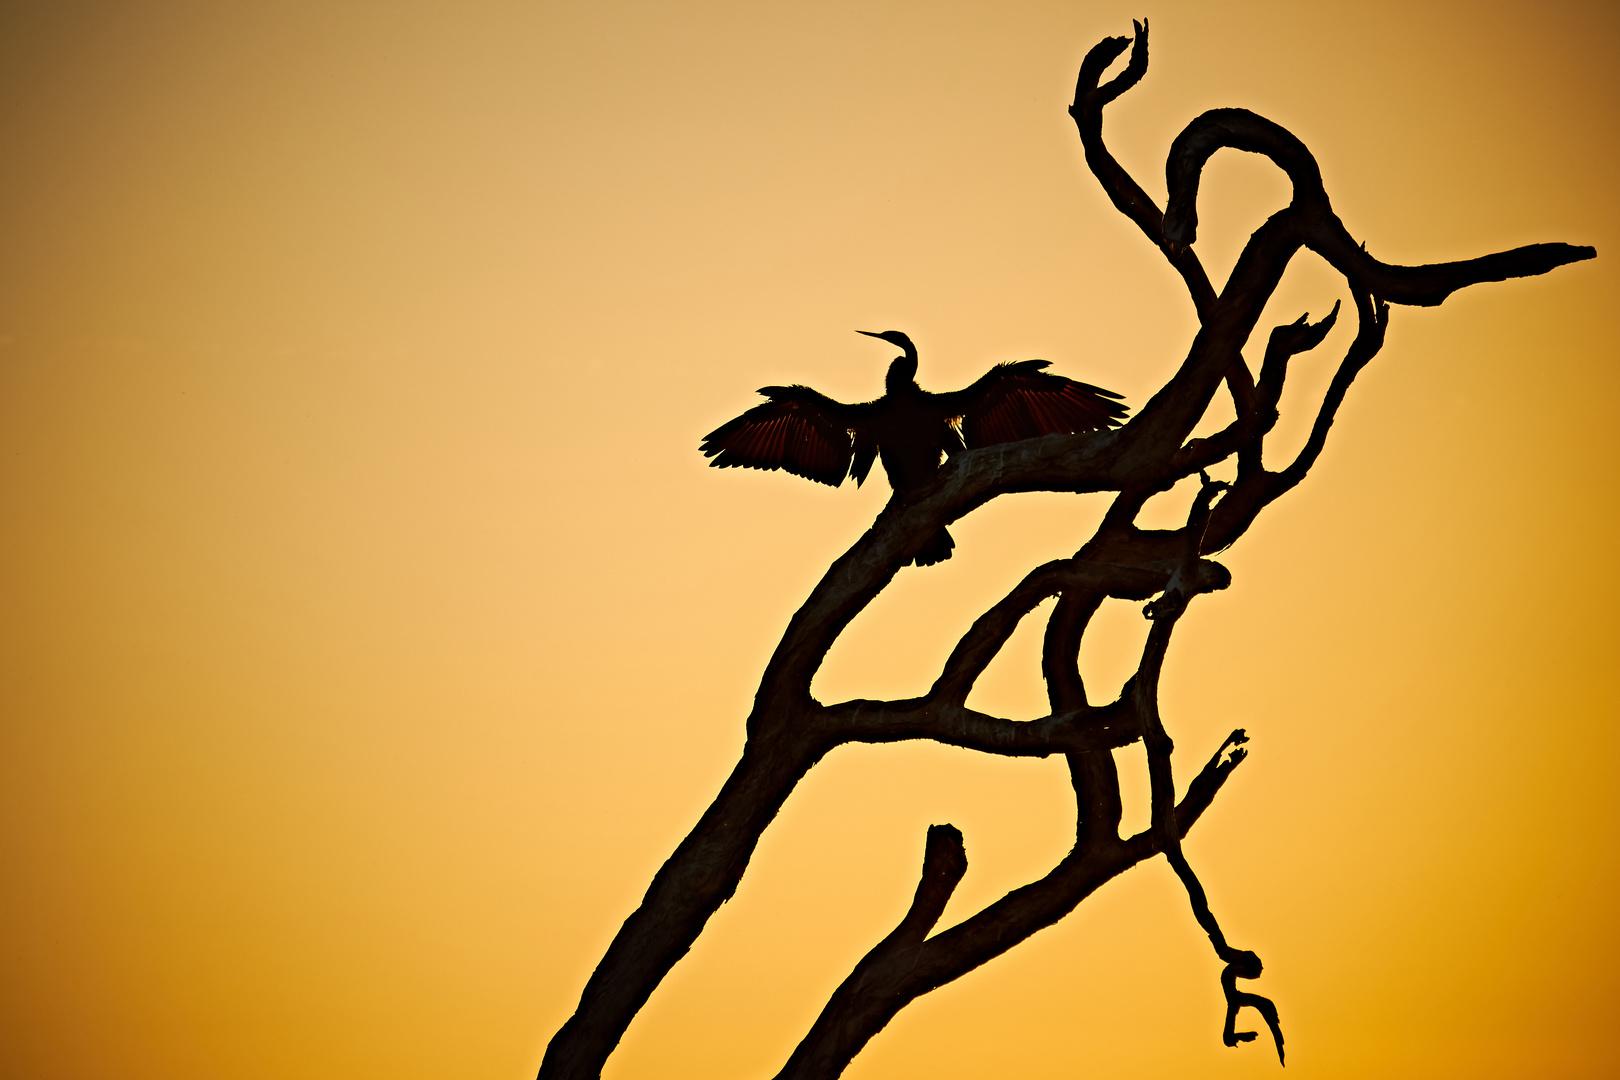 Schlangenhalsvogel im Kakadu NP, Australien, NT